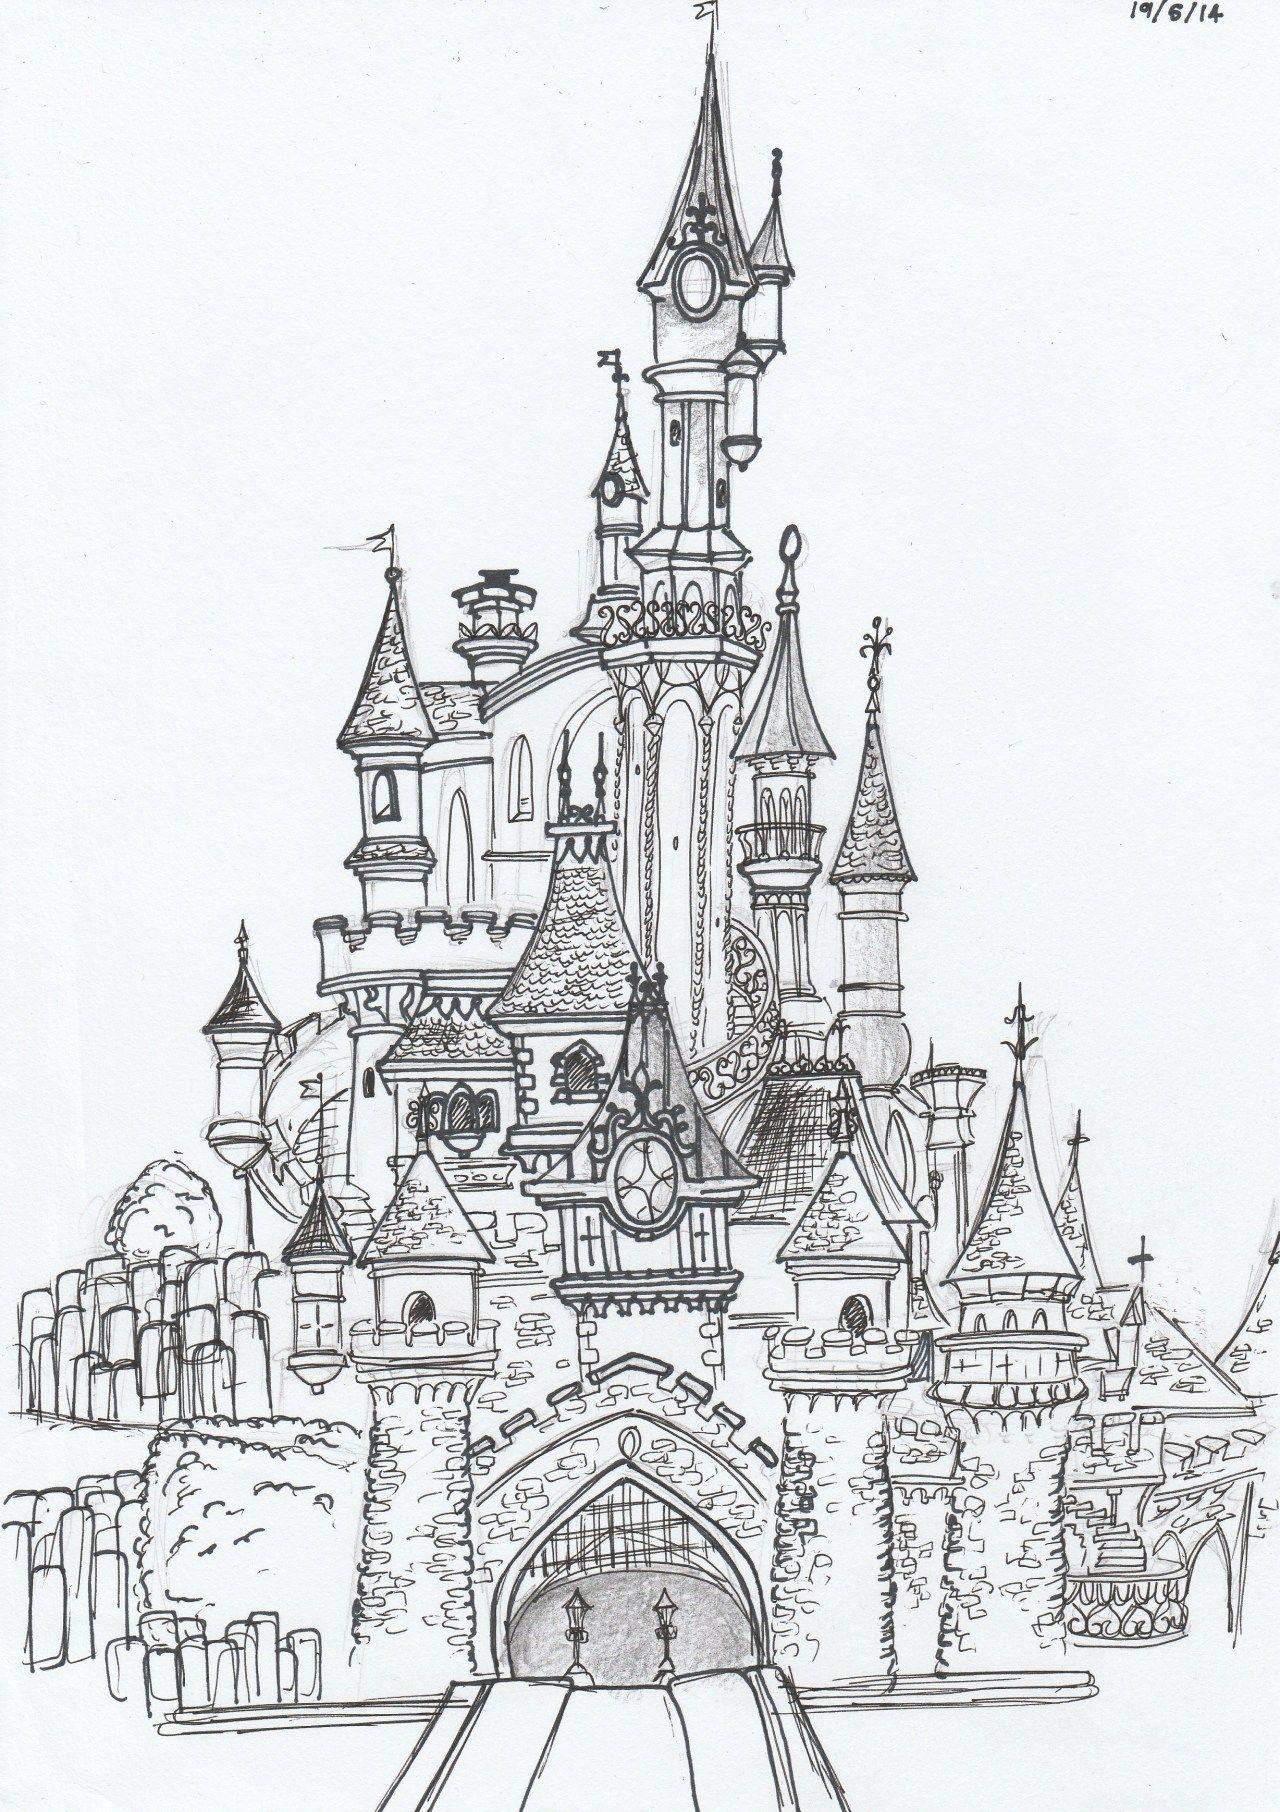 Sleeping Beauty S Castle At Disneyland Paris By Thedisneytales En